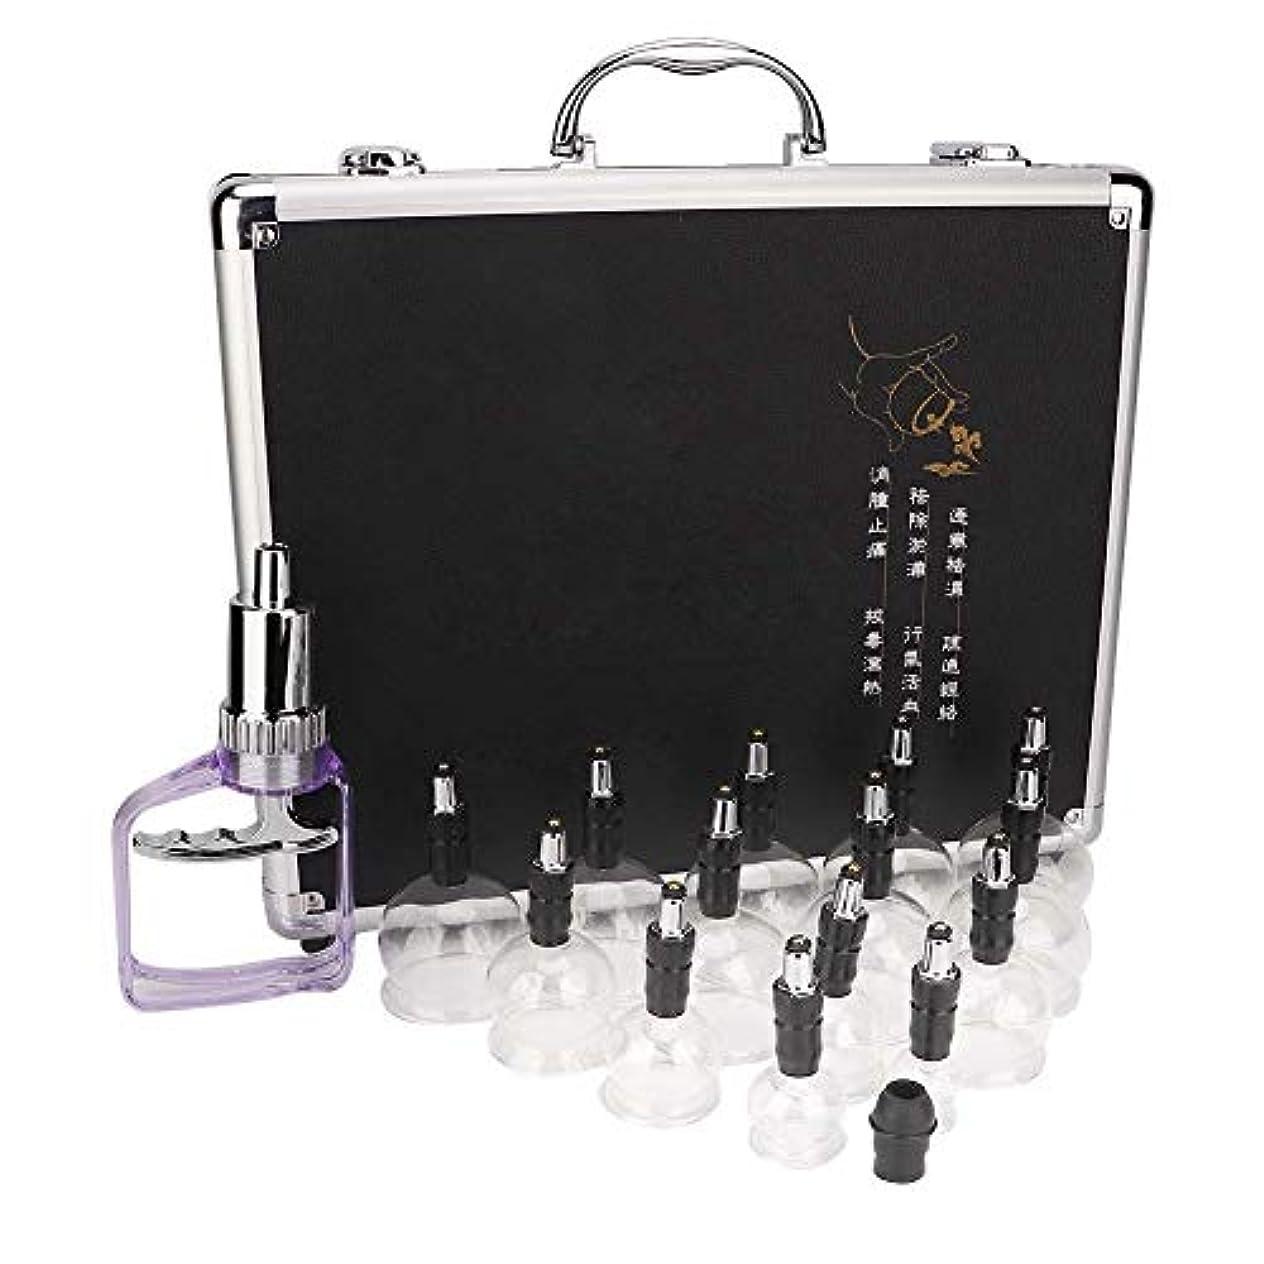 ペグ振るう貨物14ピースプロフェッショナル吸引カップジャー真空カッピングセット、カッピングセットマッサージ療法マッサージカッピングツール